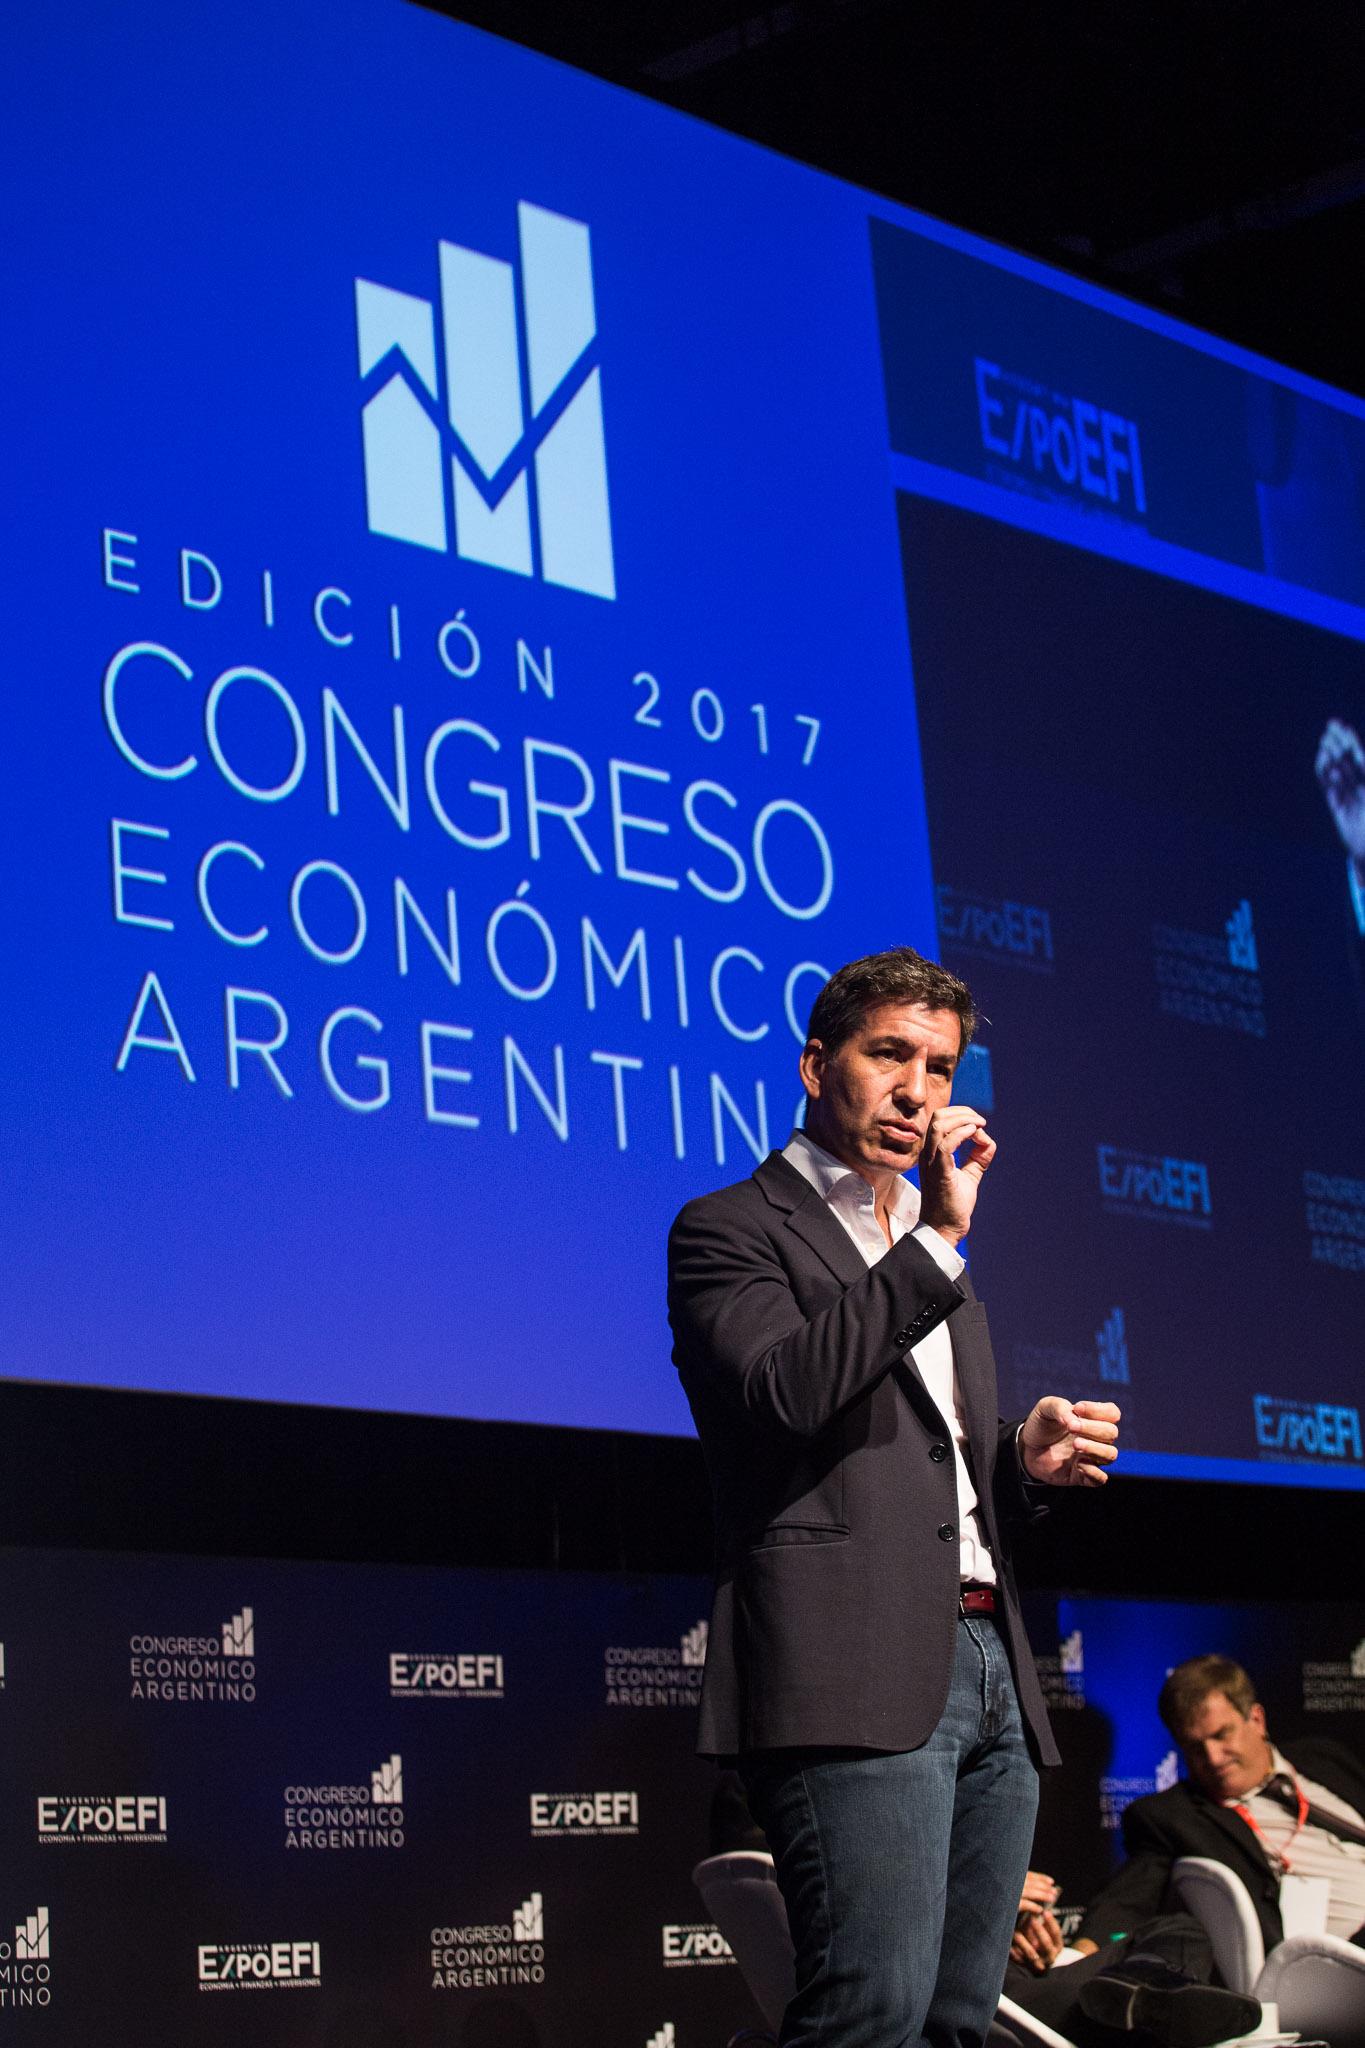 Congreso Económico Argentino